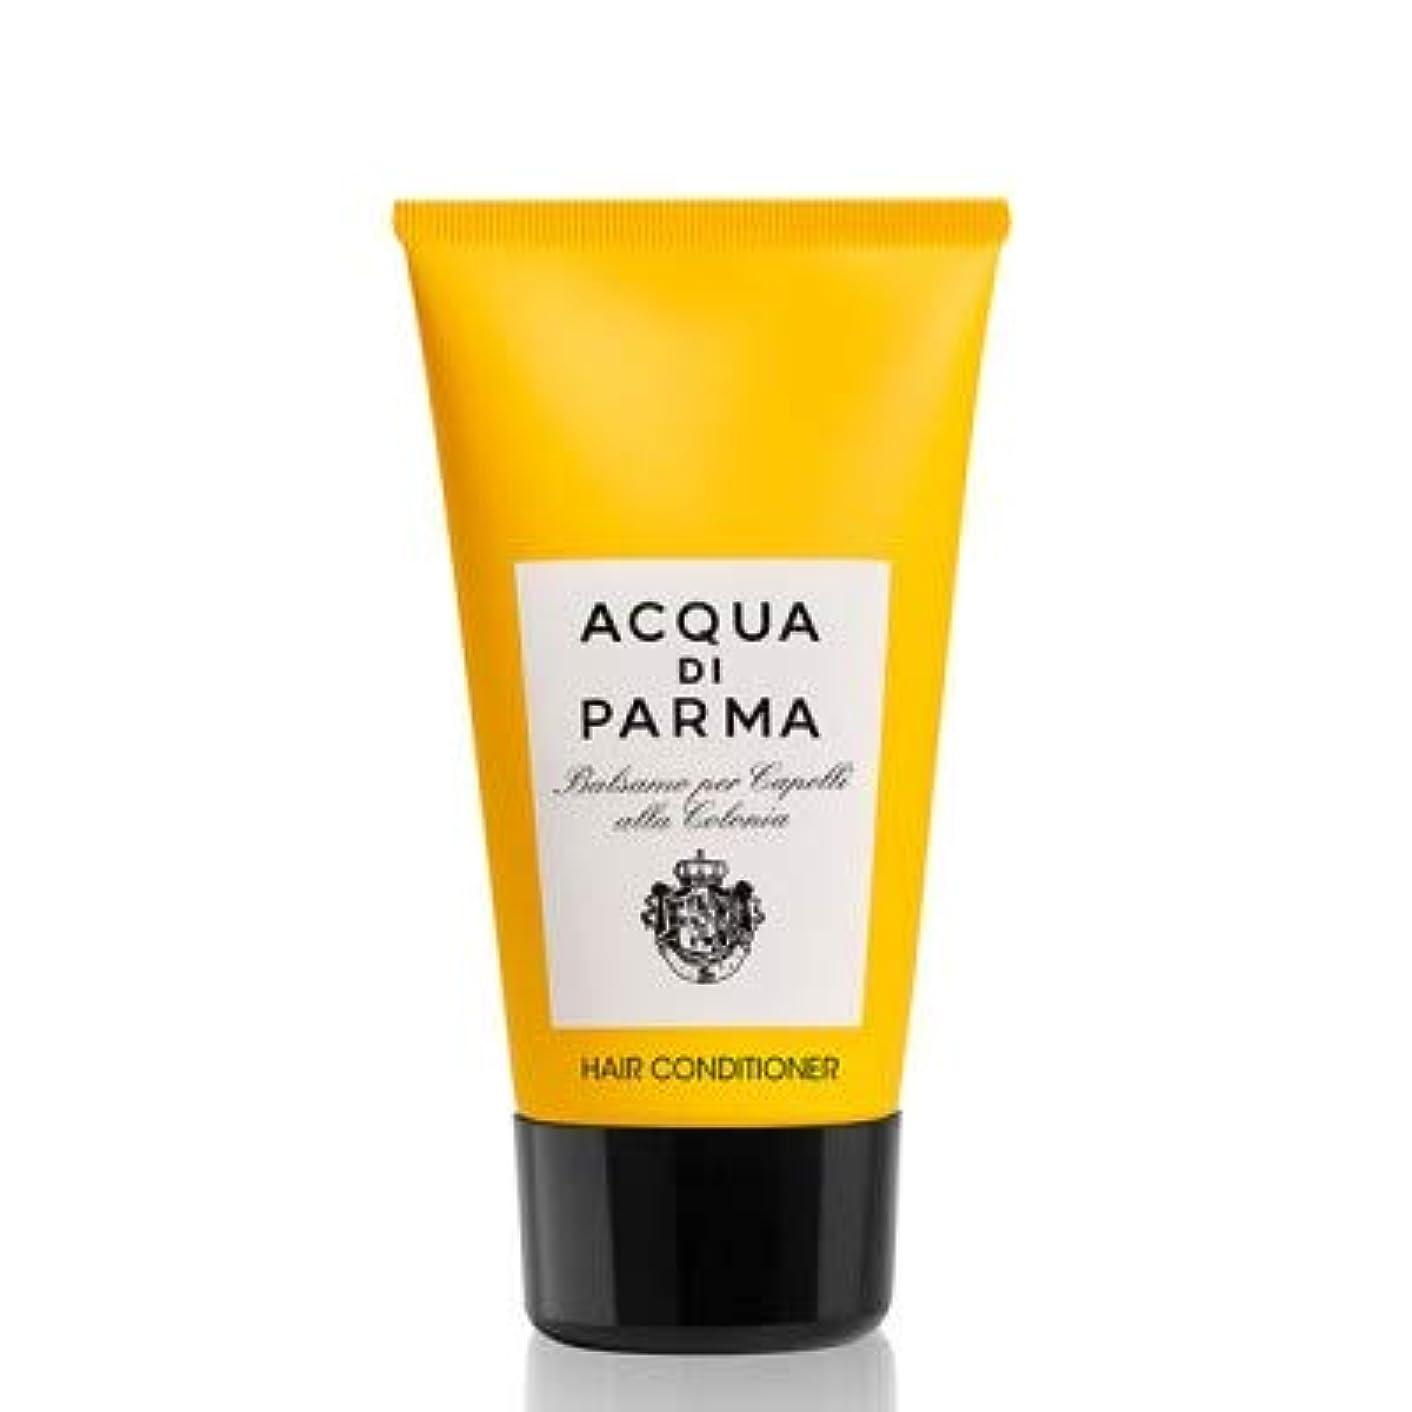 ACQUA DI PARMA hair conditioner 150 ml